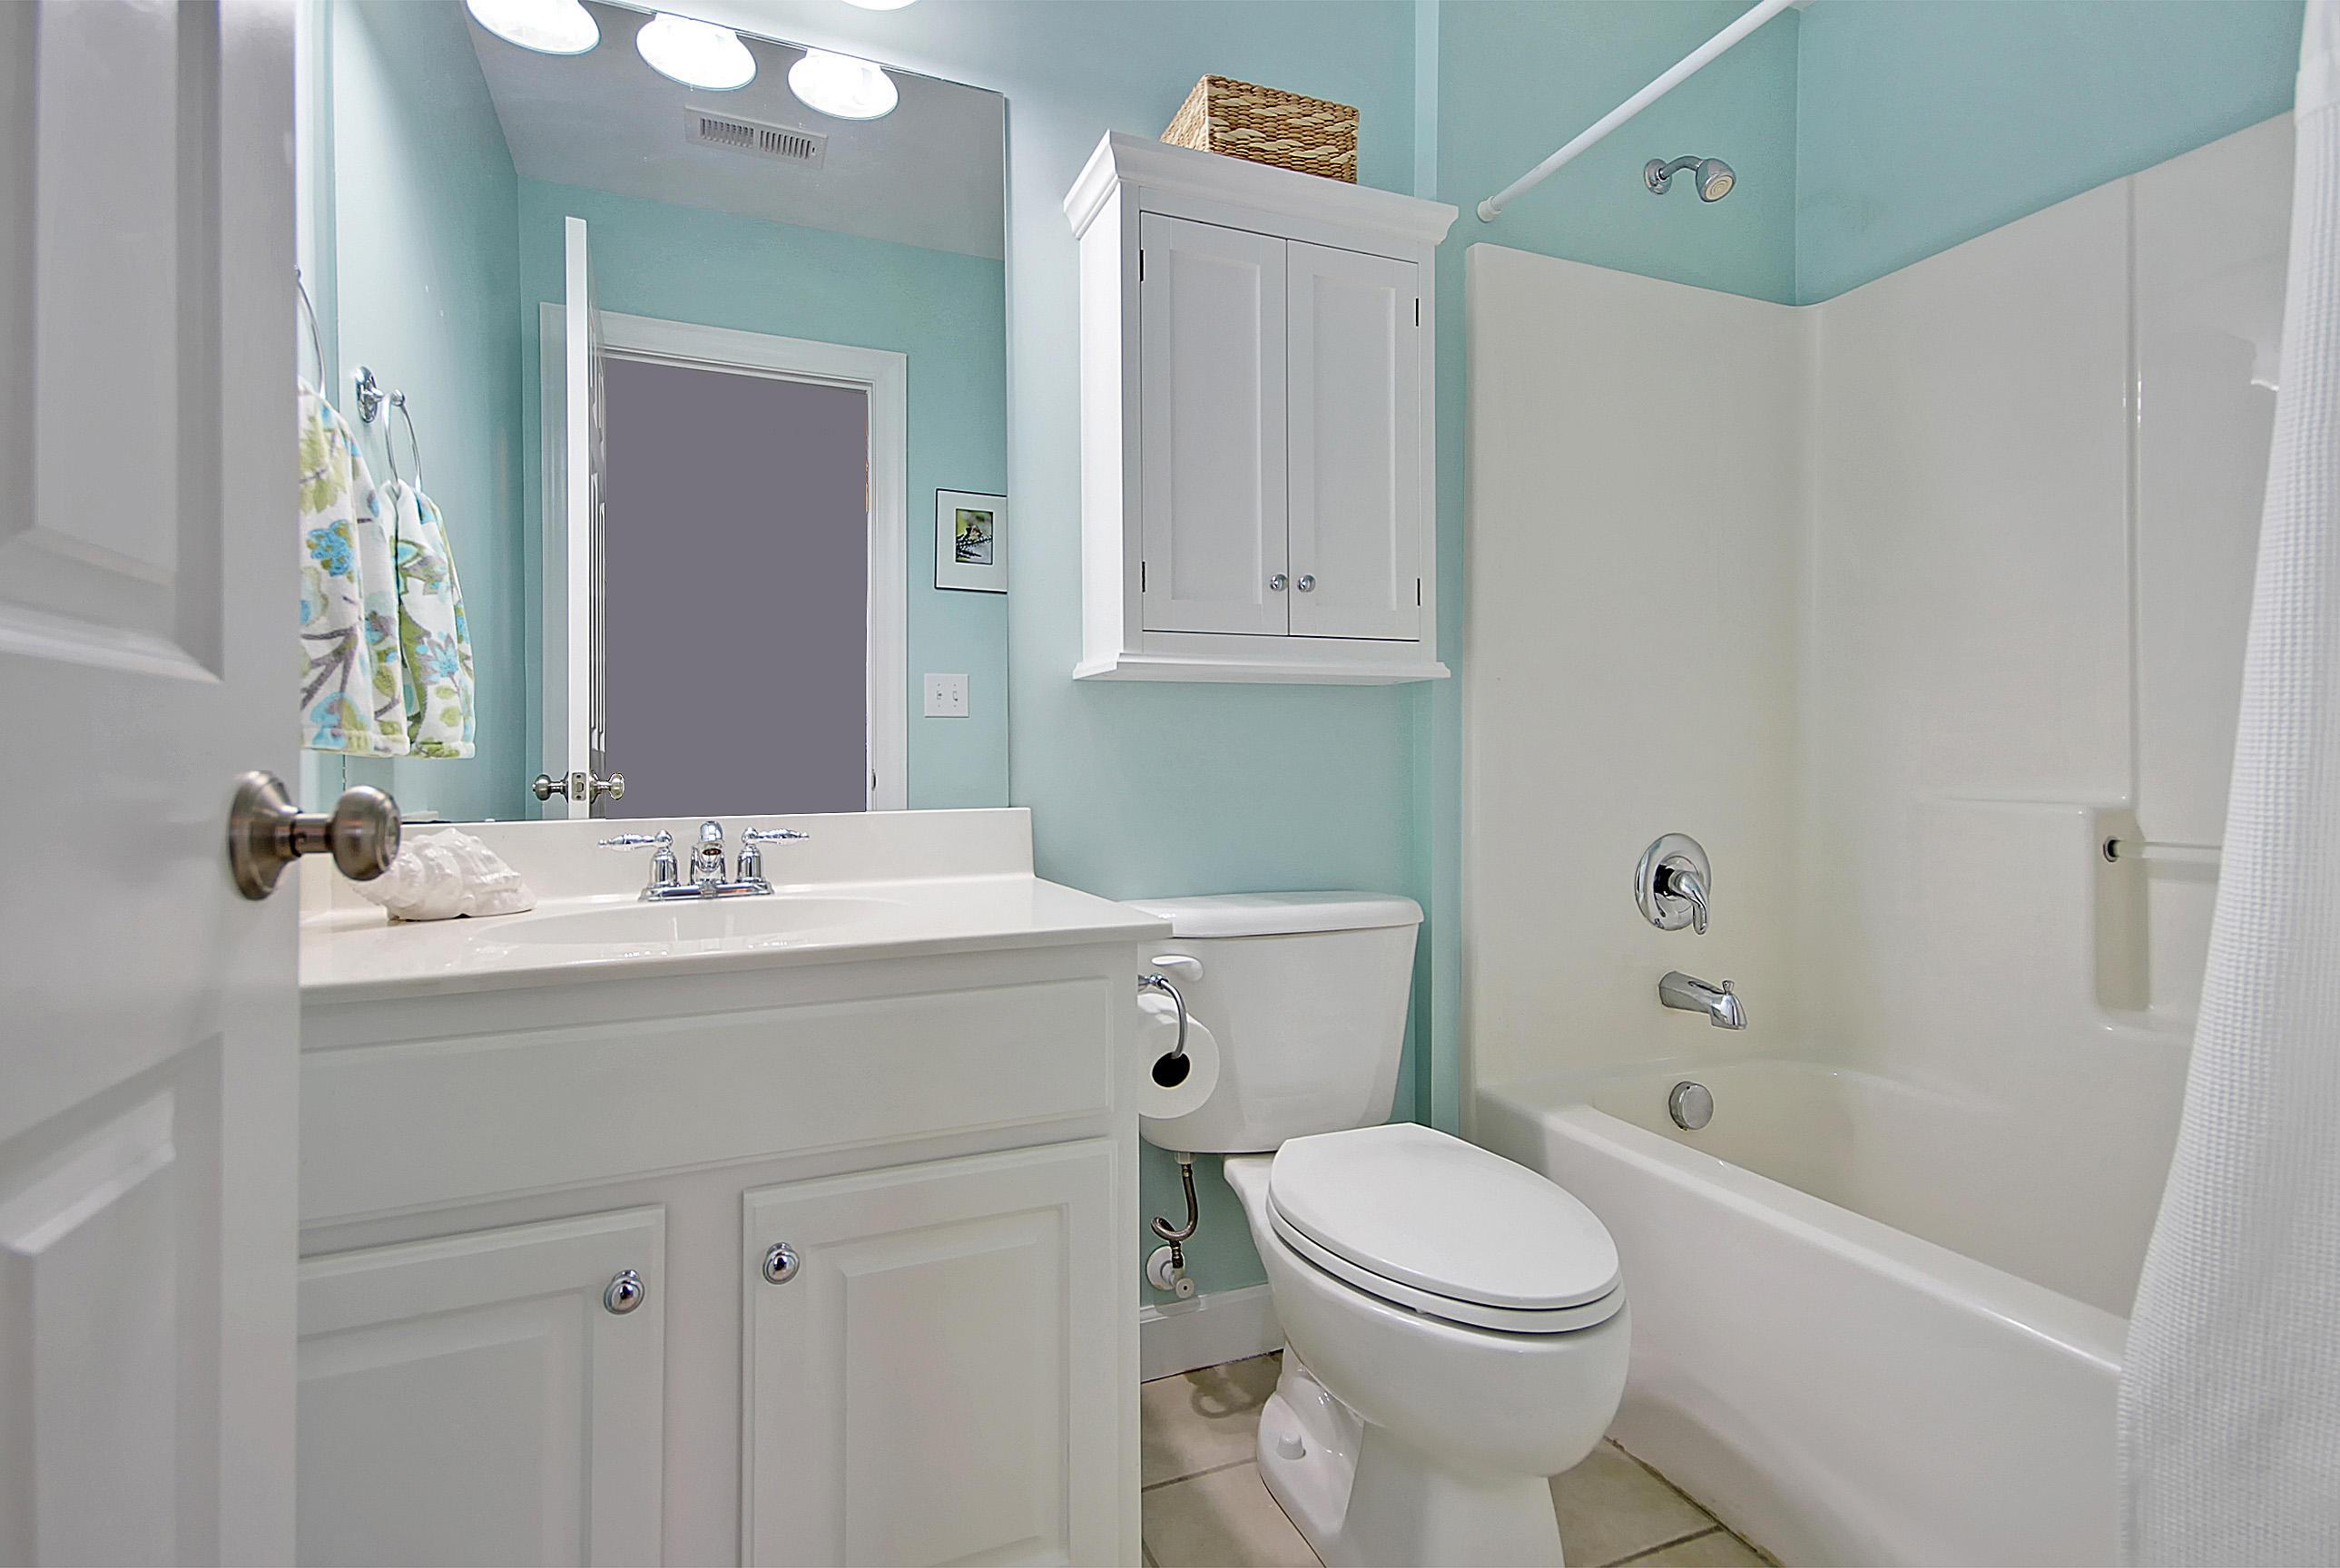 Dunes West Homes For Sale - 3056 Riverwood, Mount Pleasant, SC - 21